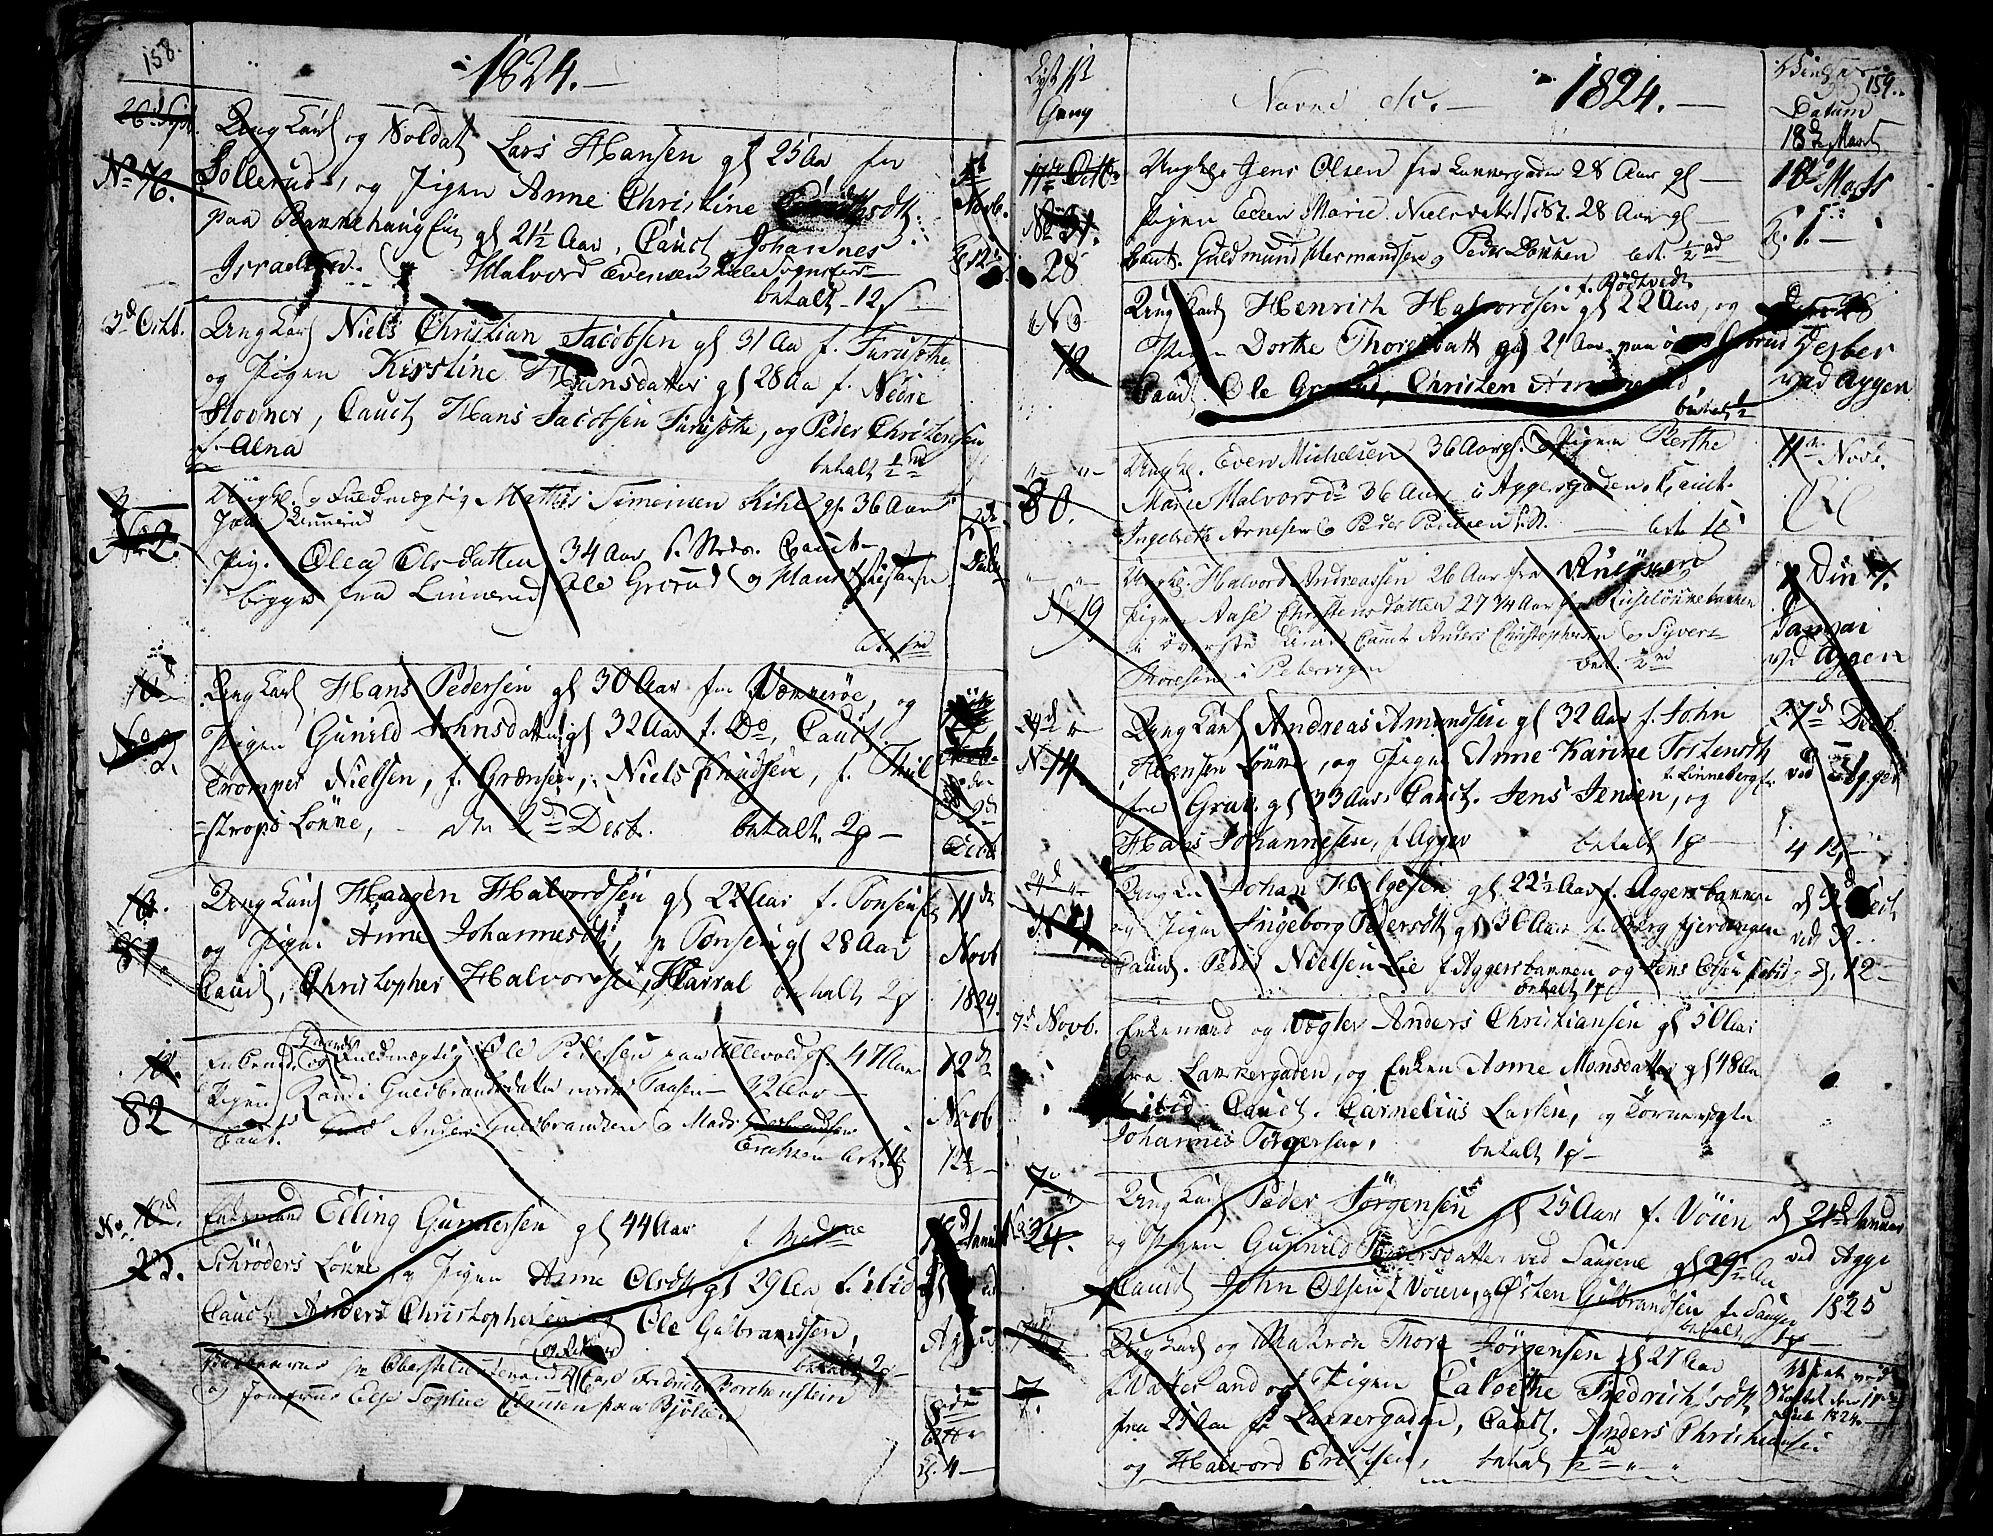 SAO, Aker prestekontor kirkebøker, G/L0001: Klokkerbok nr. 1, 1796-1826, s. 158-159